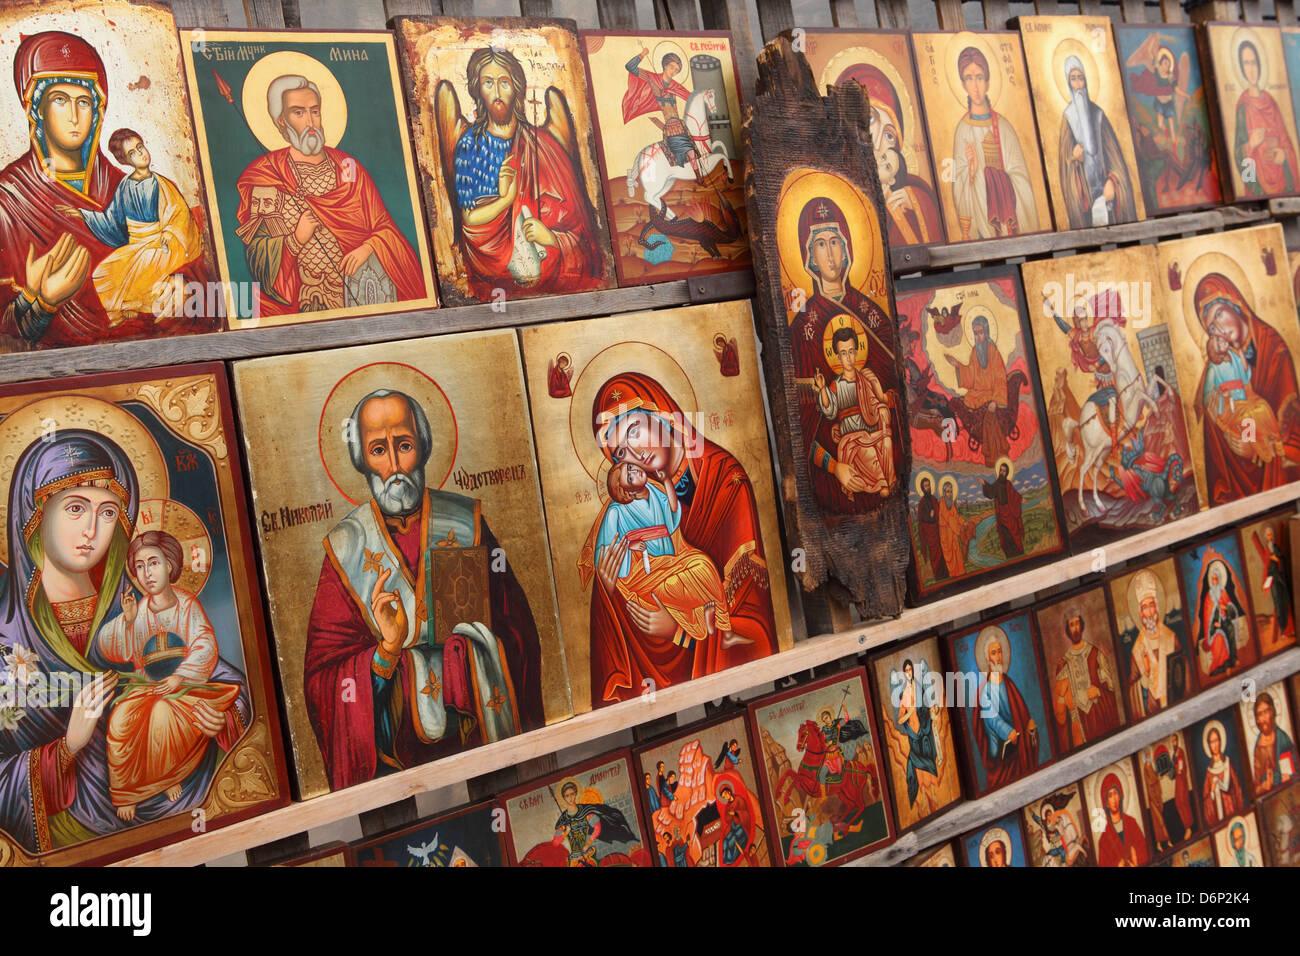 griechisch orthodoxe ikonen angeboten f r den verkauf au erhalb der alexander nevsky cathedral. Black Bedroom Furniture Sets. Home Design Ideas